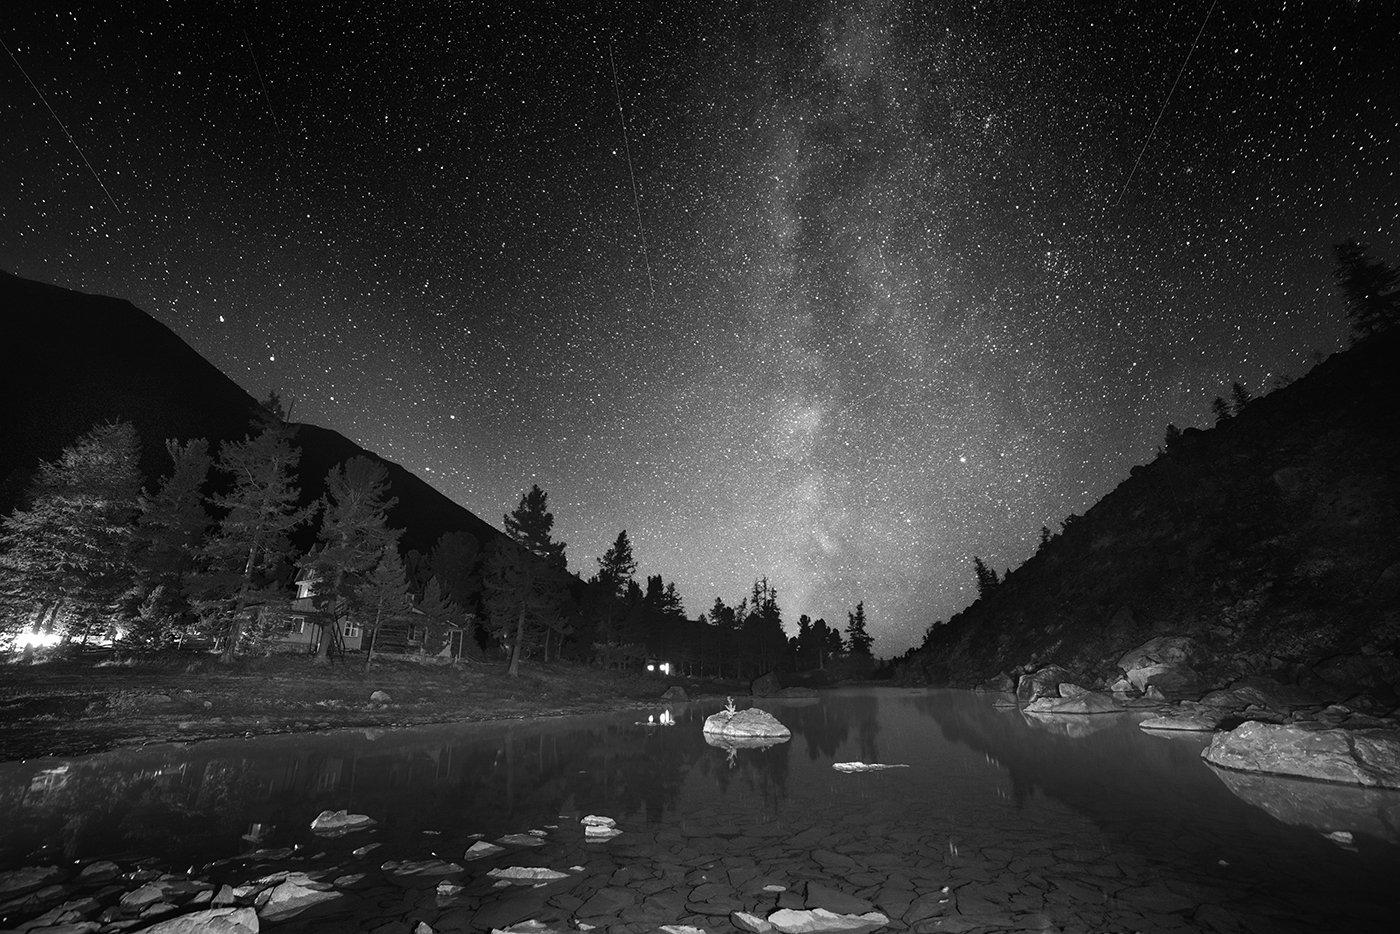 пейзаж, природа, ночь, звезды, млечный, путь, небо, озеро, дно, камни, прозрачная, холодные, чб, черно-белое, акту, алтай, сибирь, горы, ущелье, высокие, большой, Антипов Дмитрий